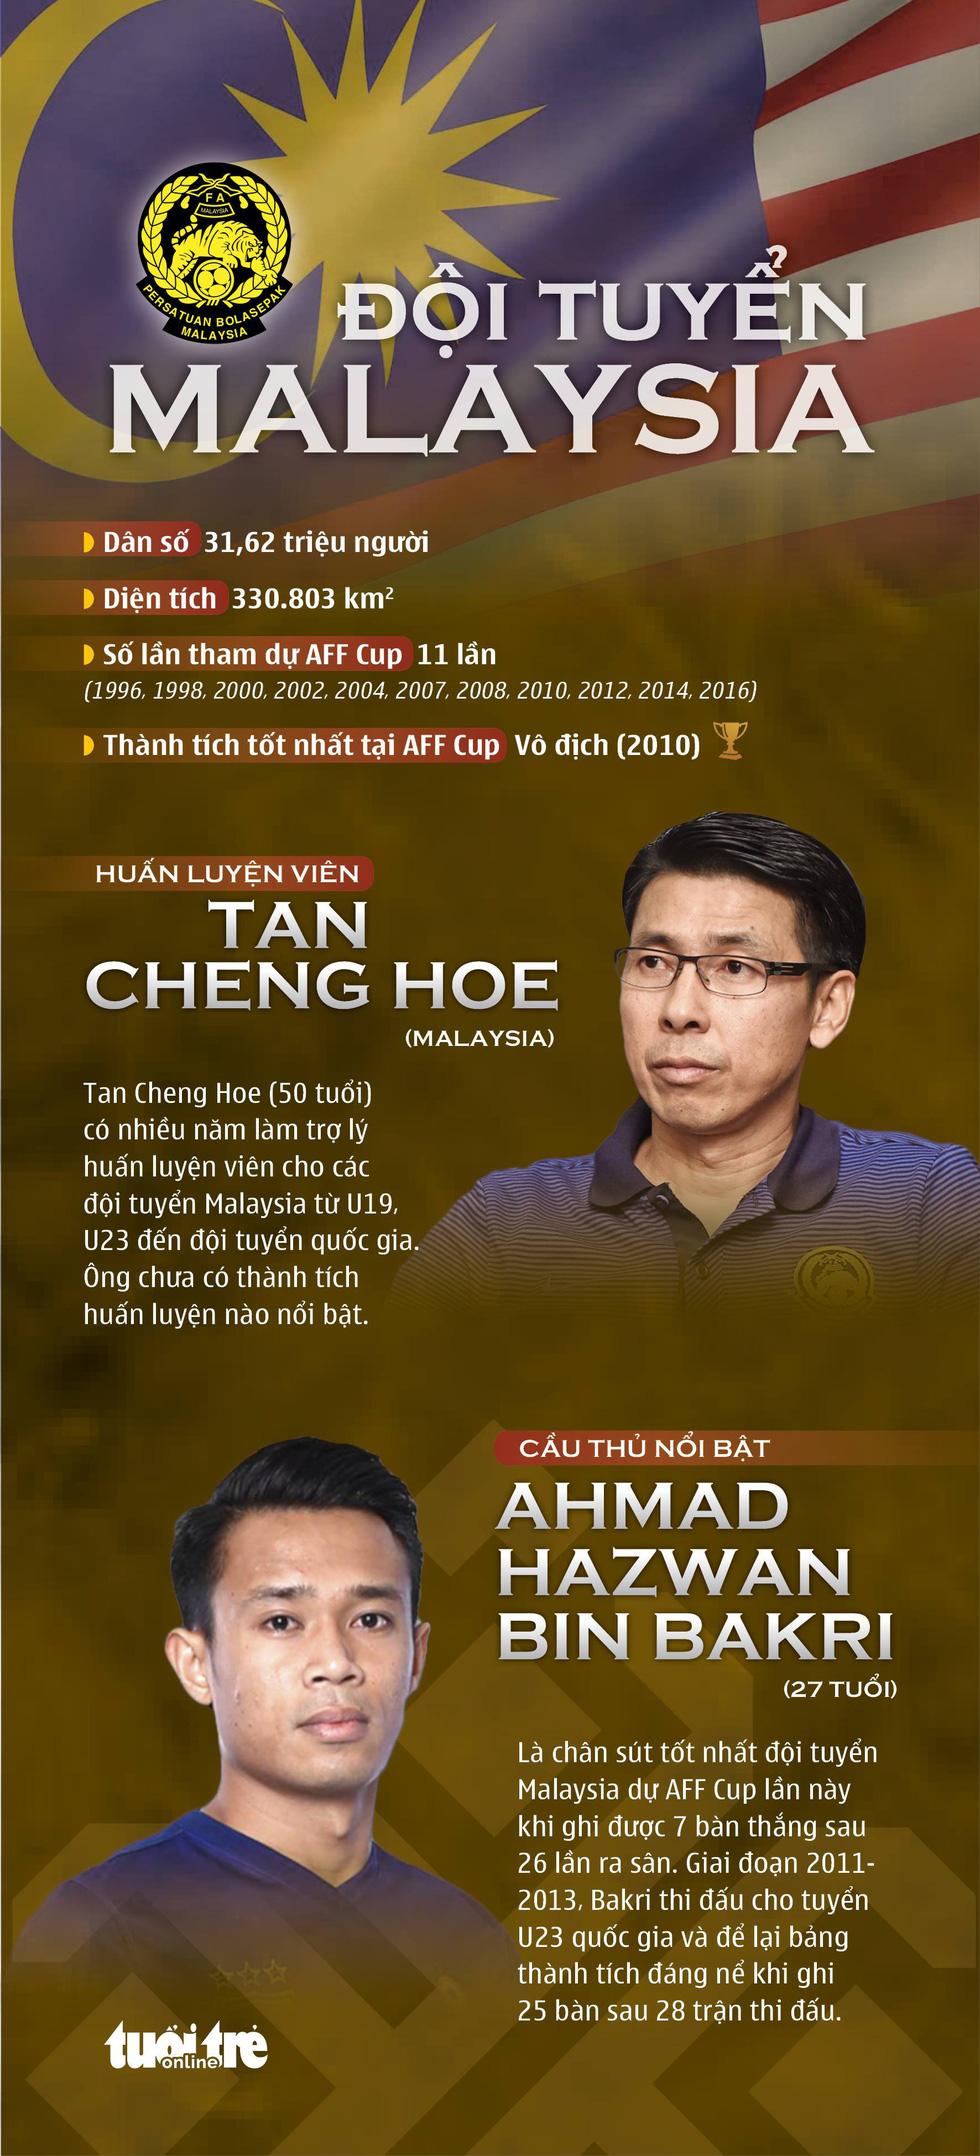 AFF Cup 2018: Tuyển Việt Nam và các đối thủ ở bảng A - Ảnh 2.